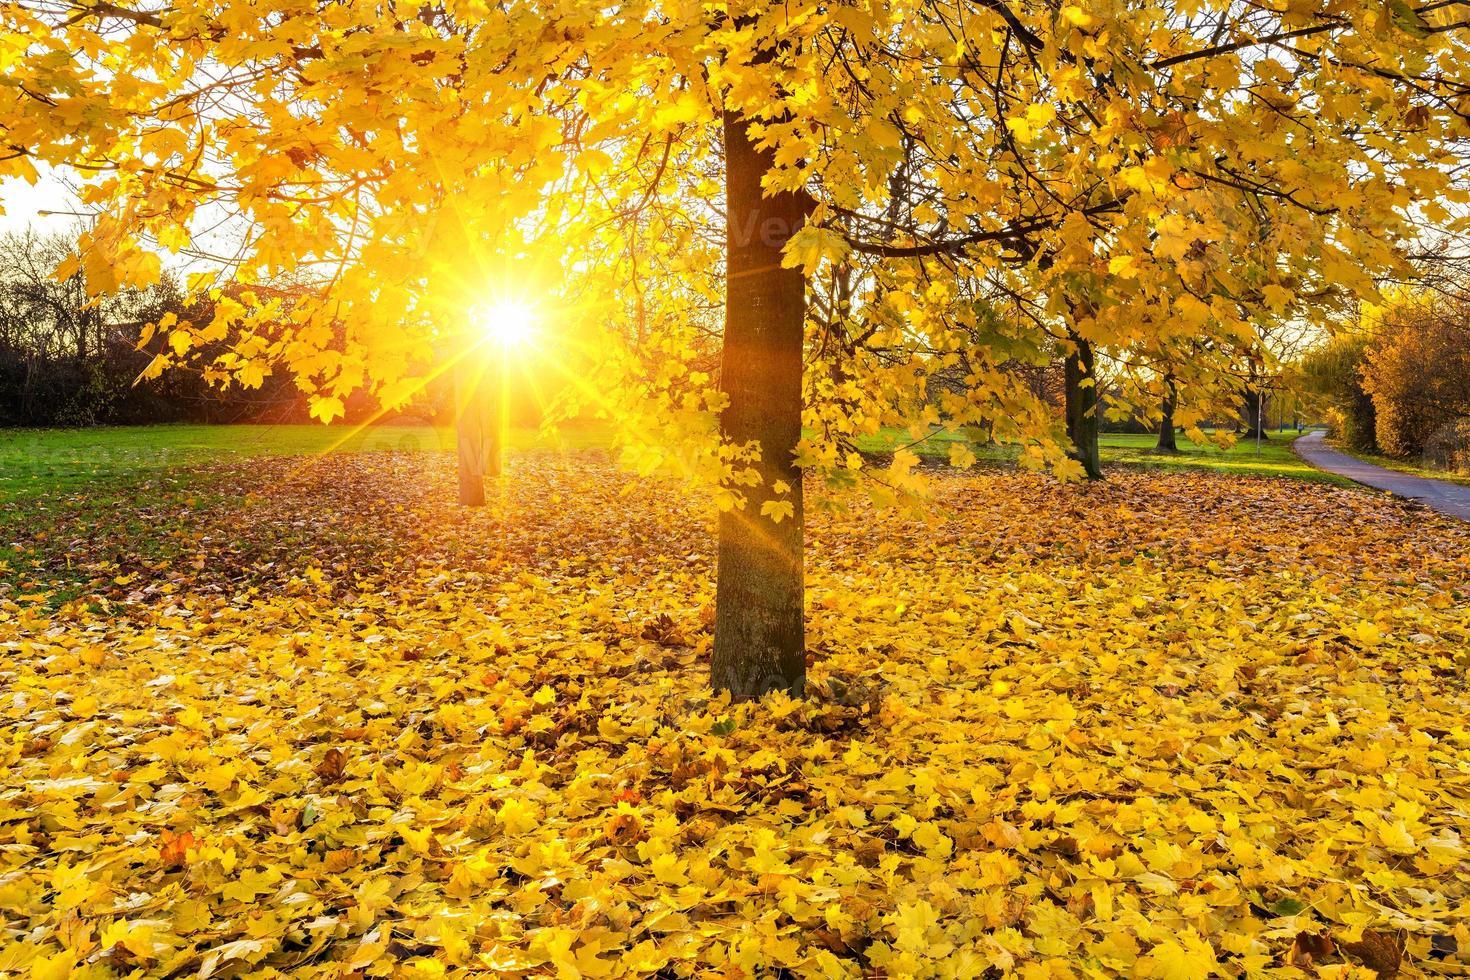 Sunny autumn foliage photo